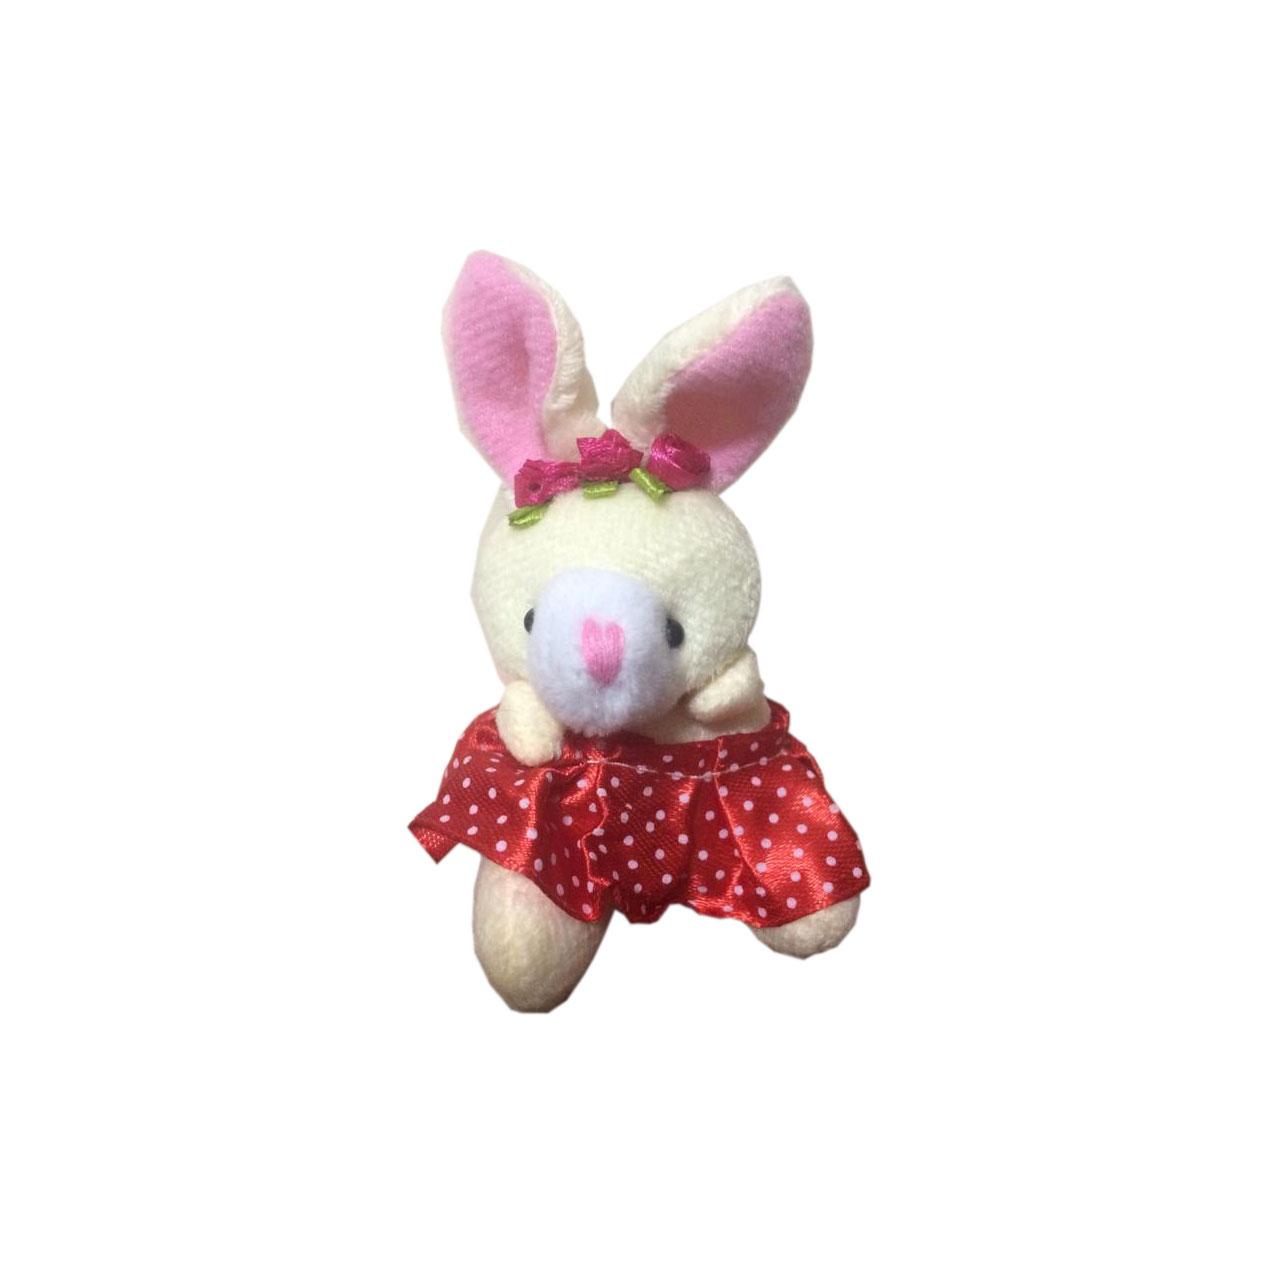 آویز طرح خرگوش مهربان کد 01